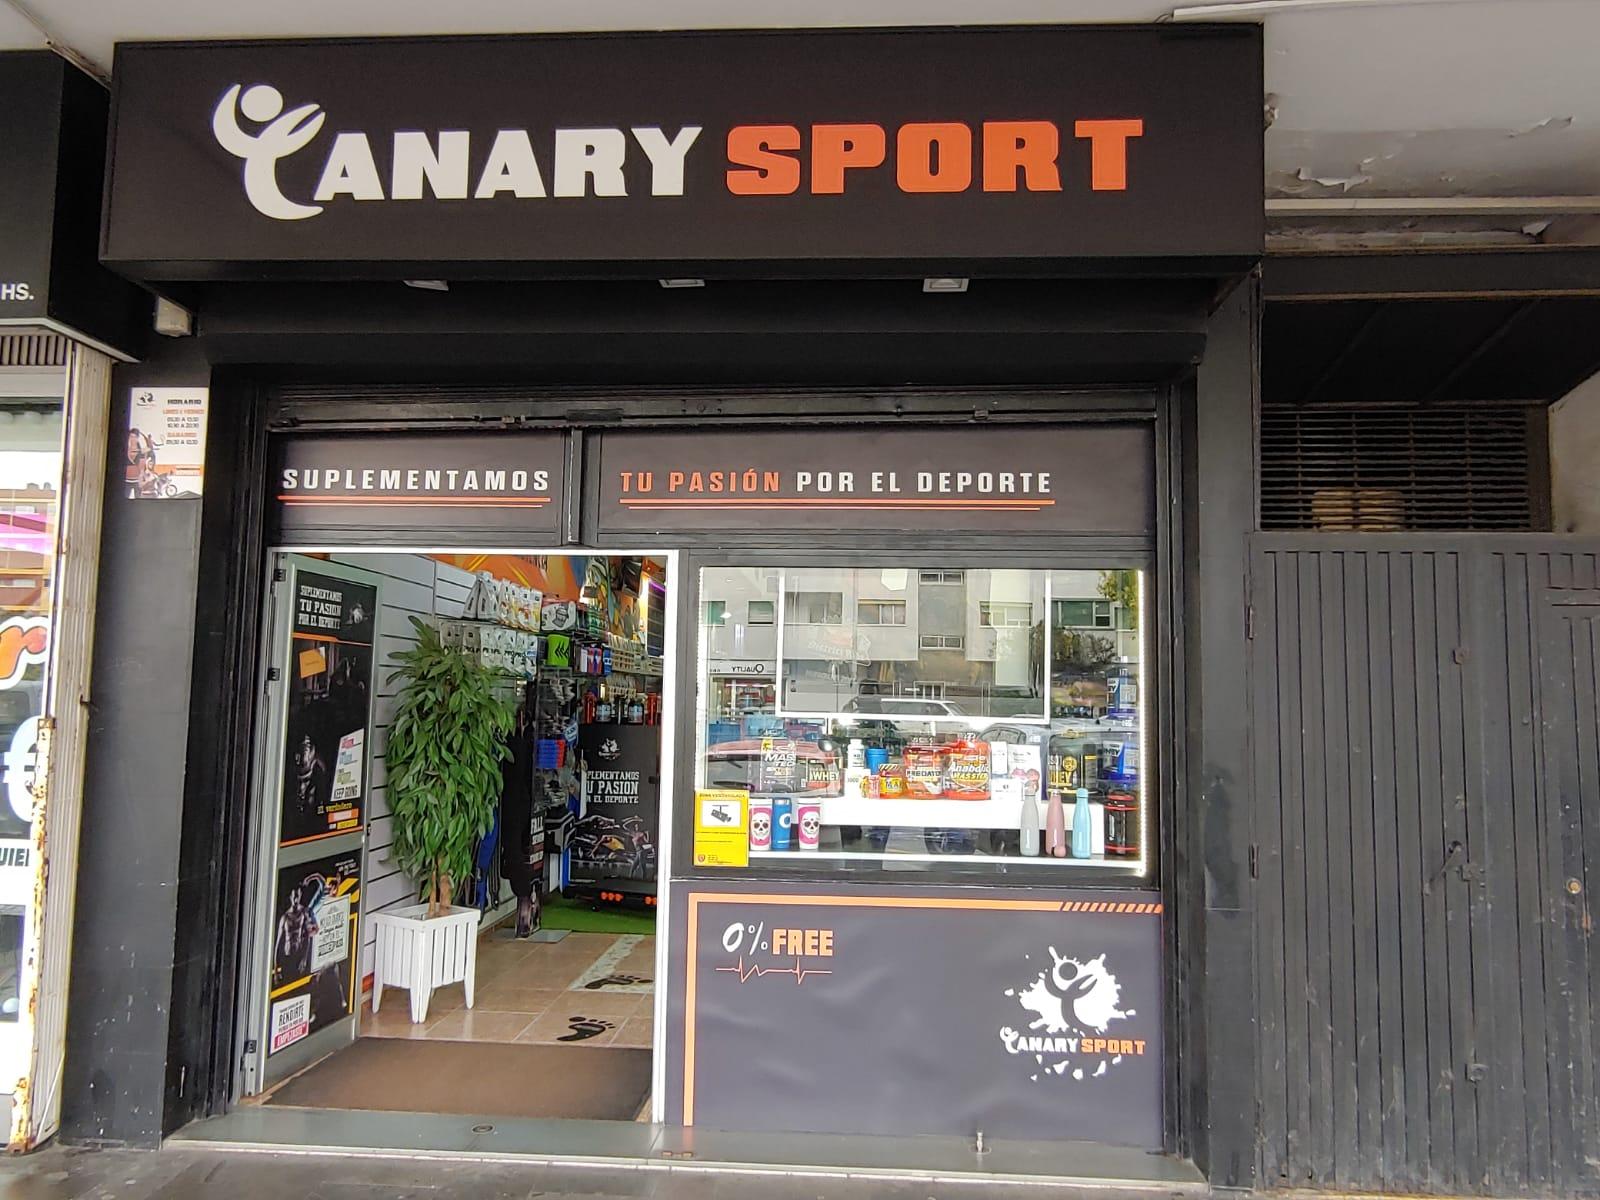 Tiendas de Nutrición Deportiva en Tenerife Canary Sport